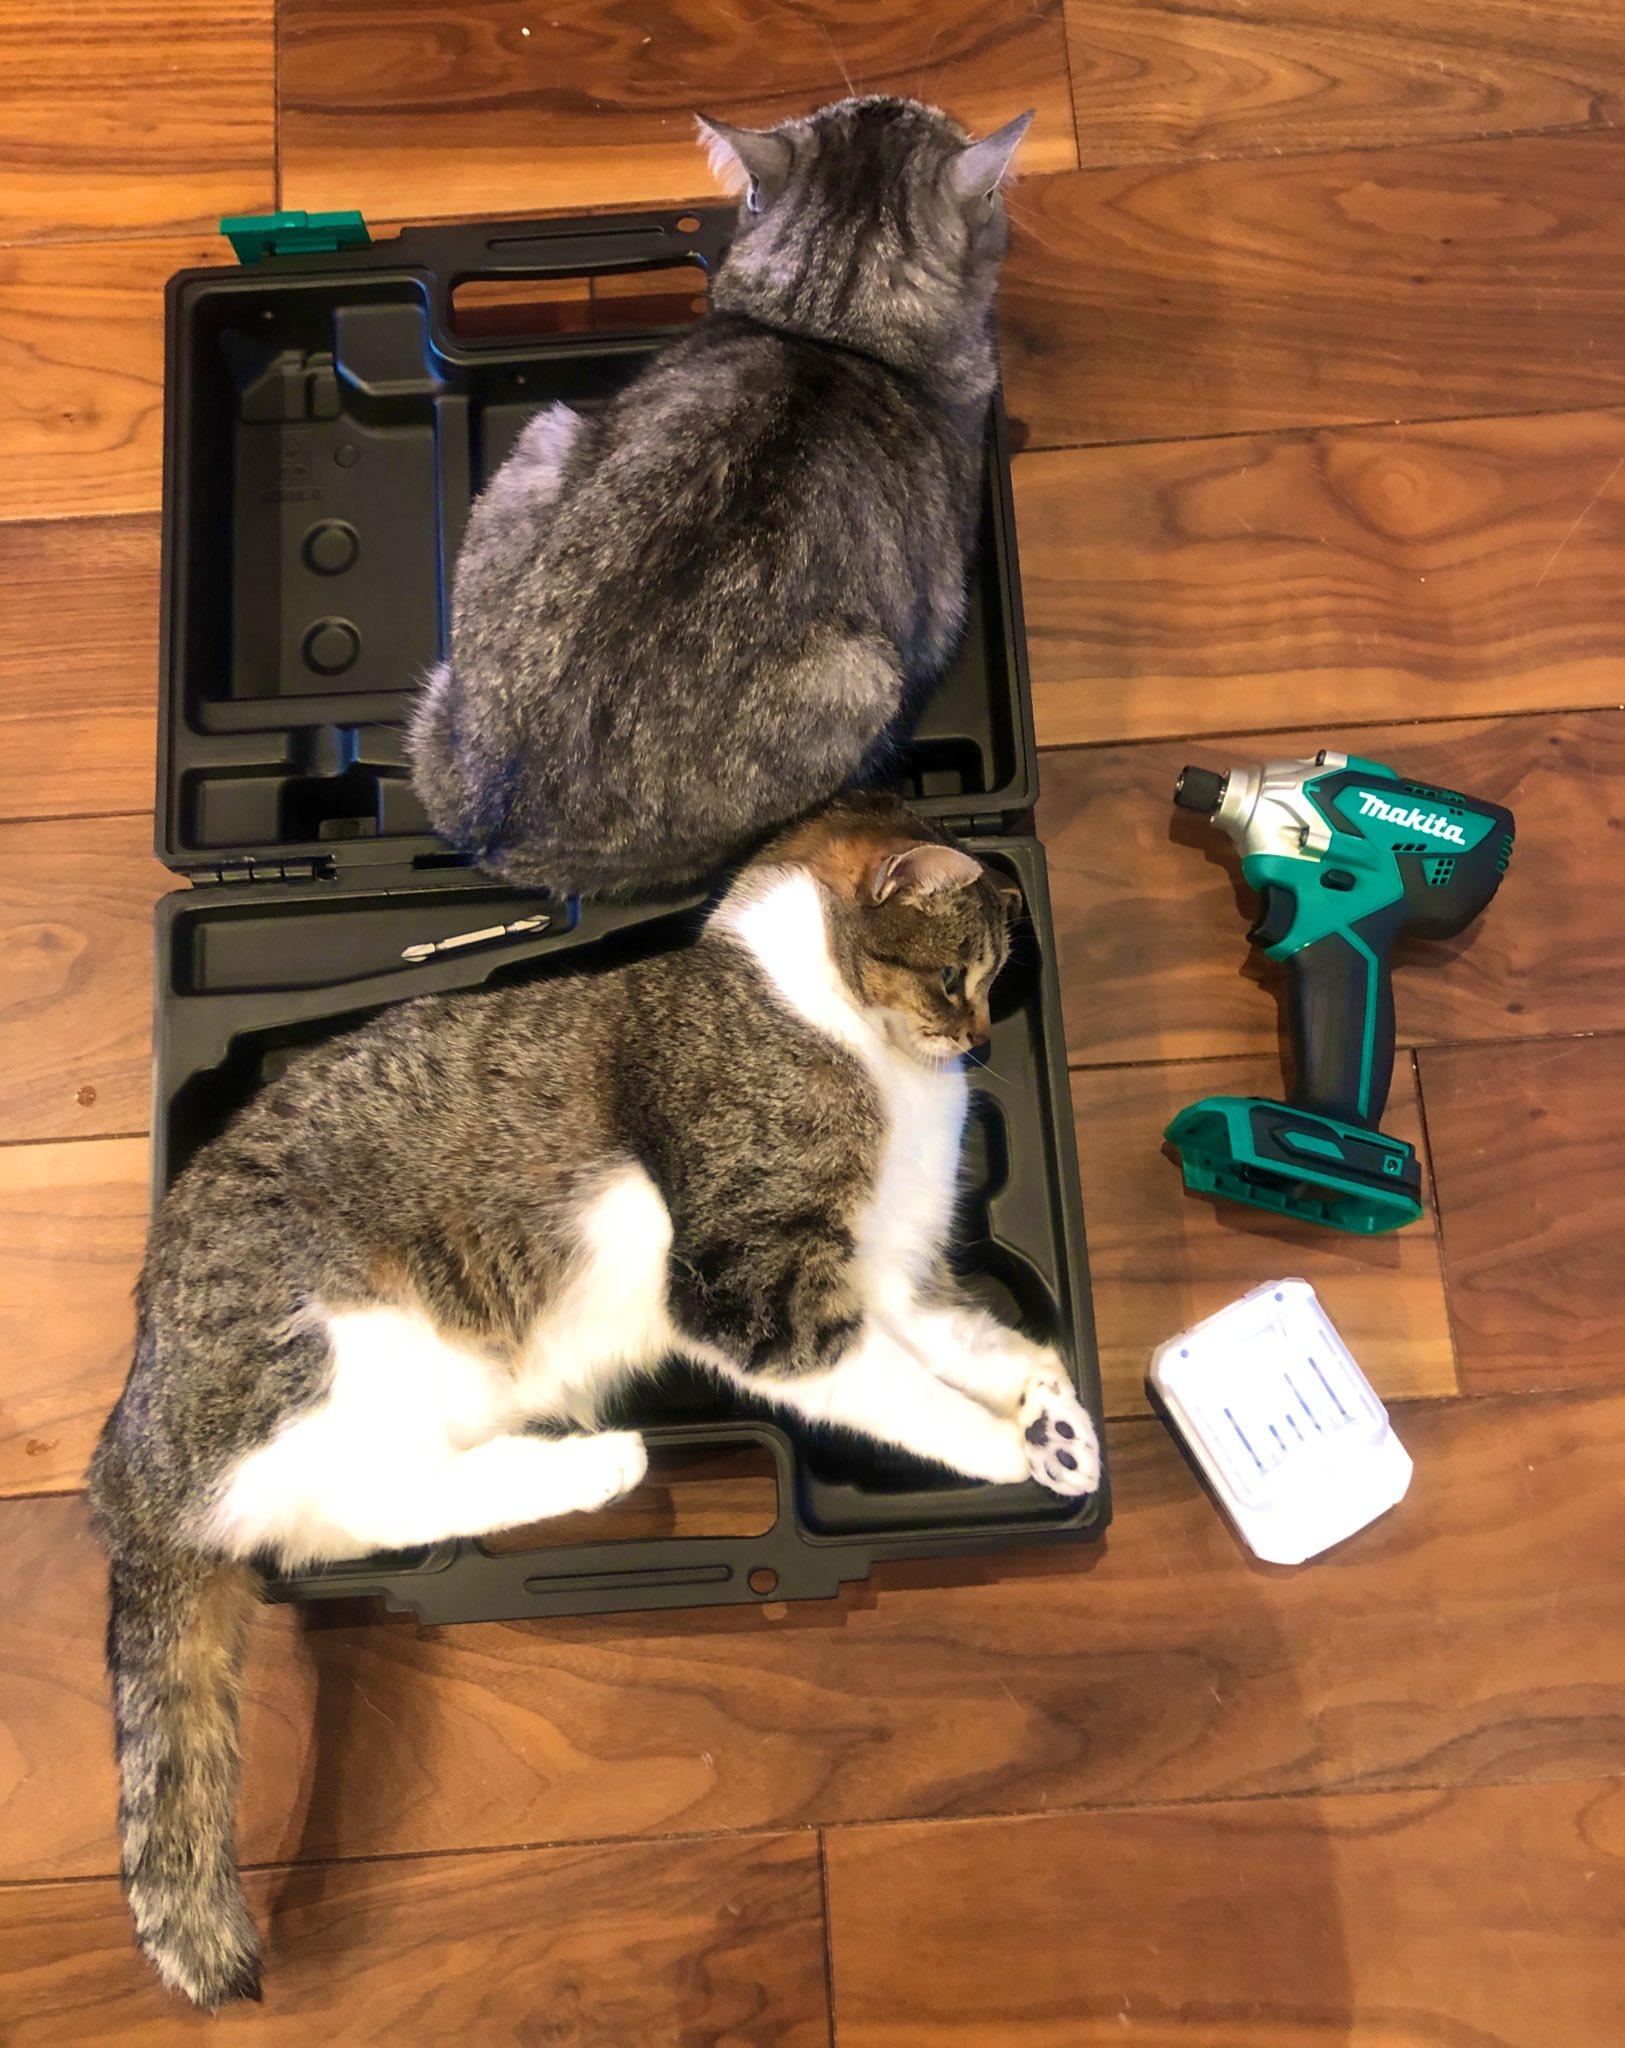 ジャストサイズ??工具ケースは猫を収納するためのケースだった!?ww